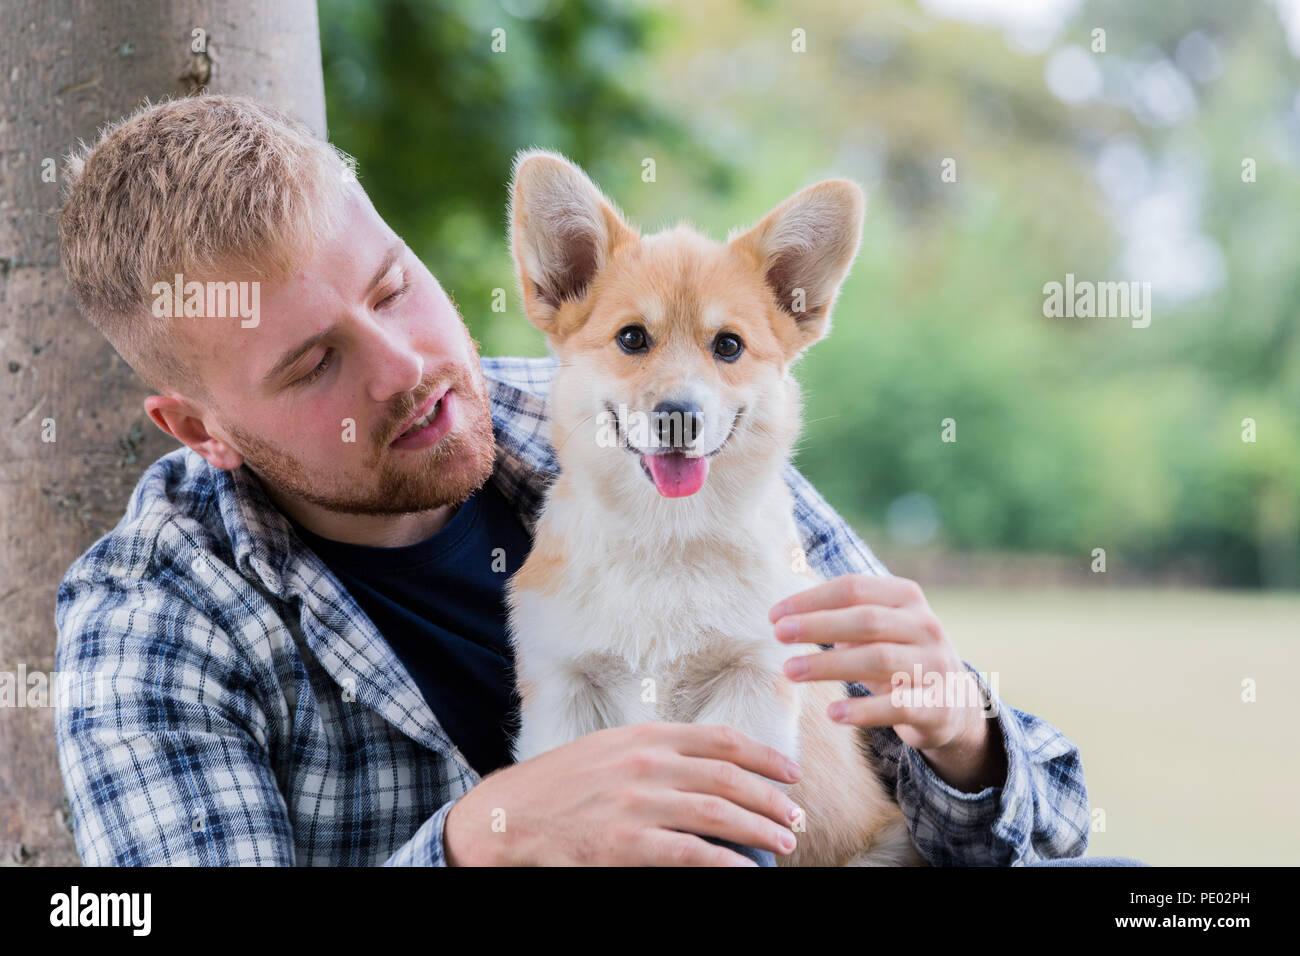 4 mesi di Lingua gallese Corgi Pembroke cucciolo su una passeggiata con il suo maschio proprietario in campagna, Oxfordshire, Regno Unito Foto Stock